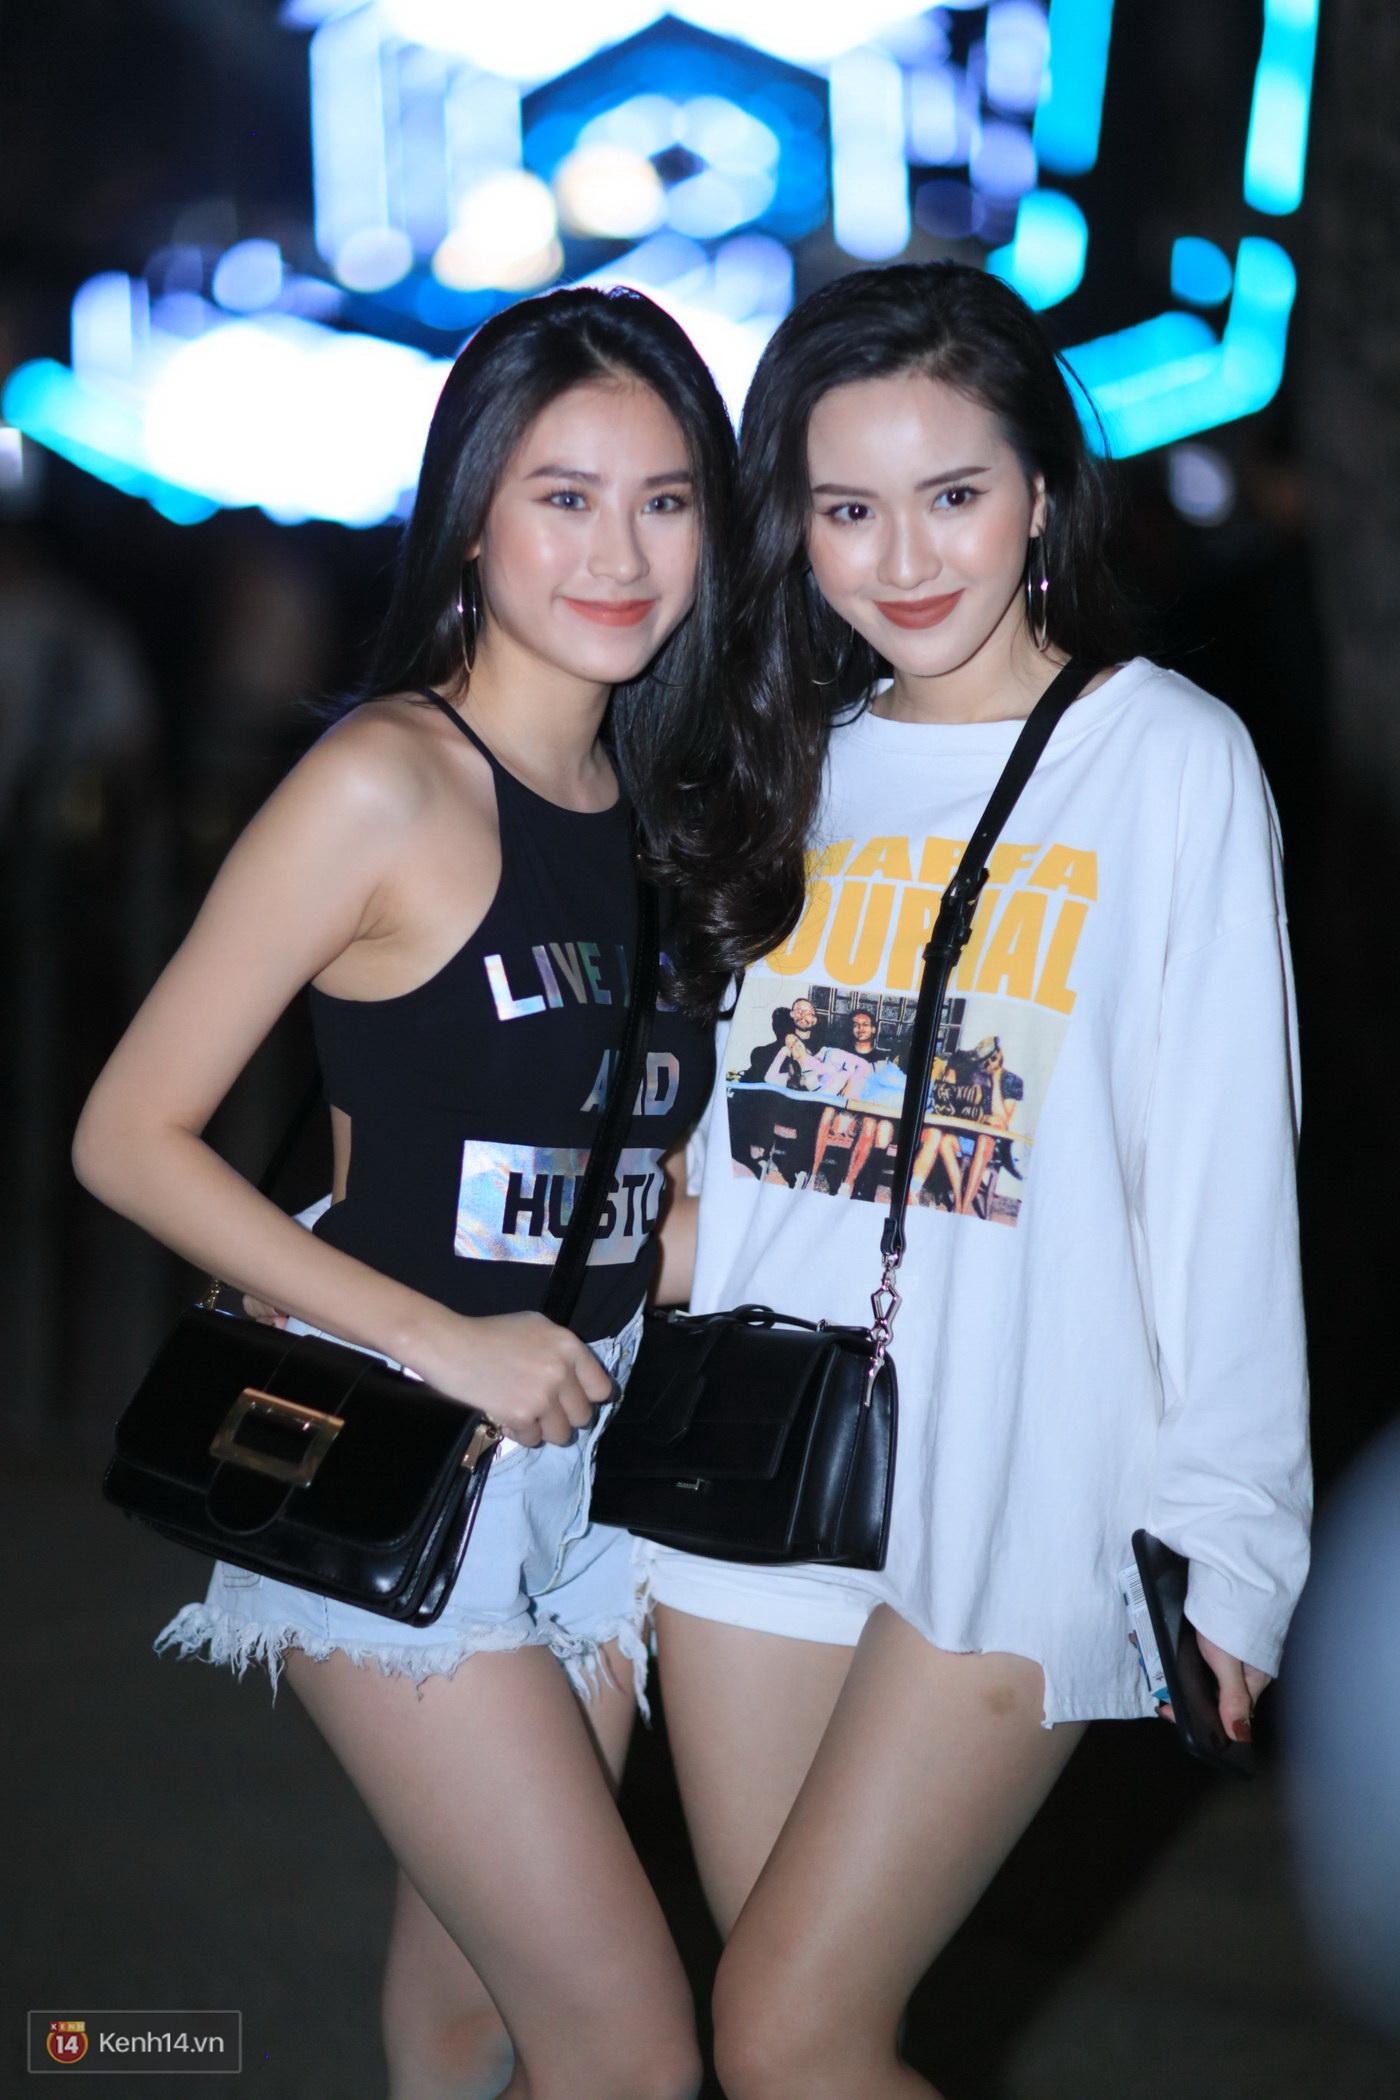 Khán giả Hà Nội vỡ oà trong bữa tiệc Future House cùng DJ Top 15 thế giới Don Diablo - Ảnh 21.